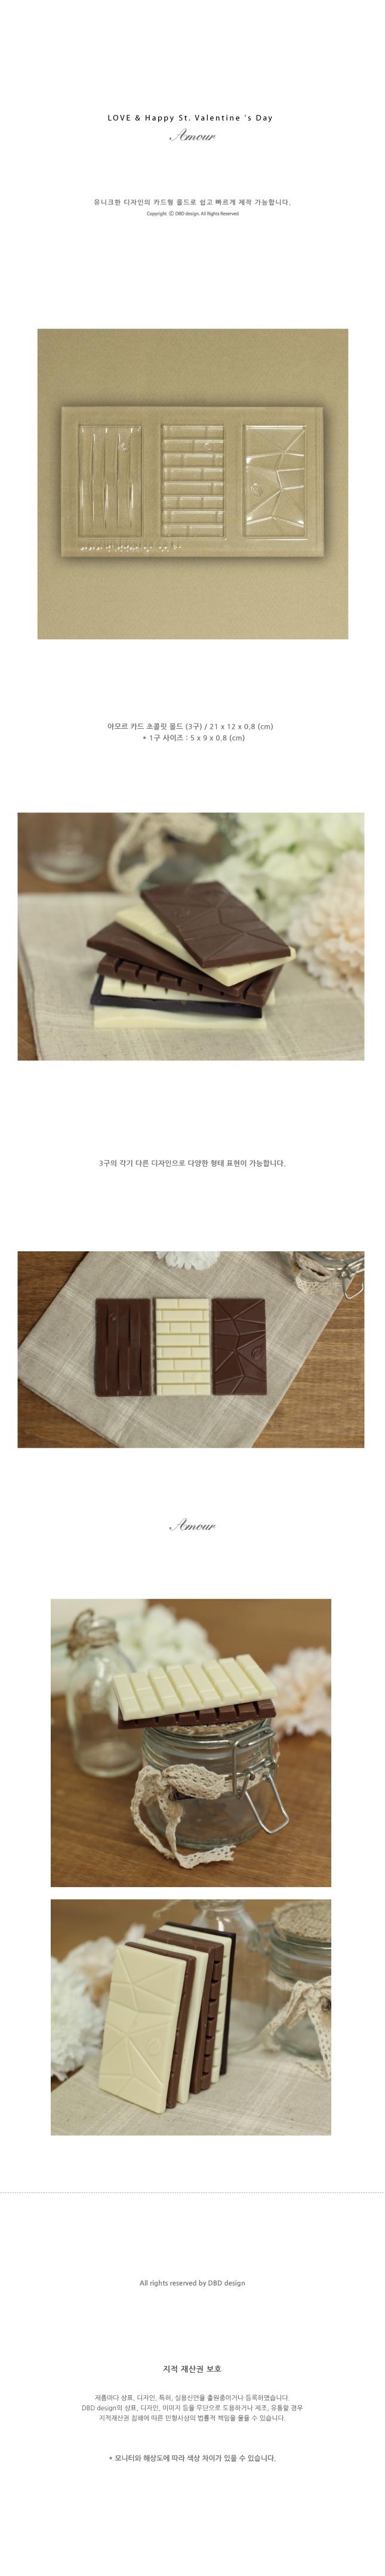 아모르 카드 초콜릿 몰드 (3구) - 디비디, 2,000원, DIY재료, 만들기도구